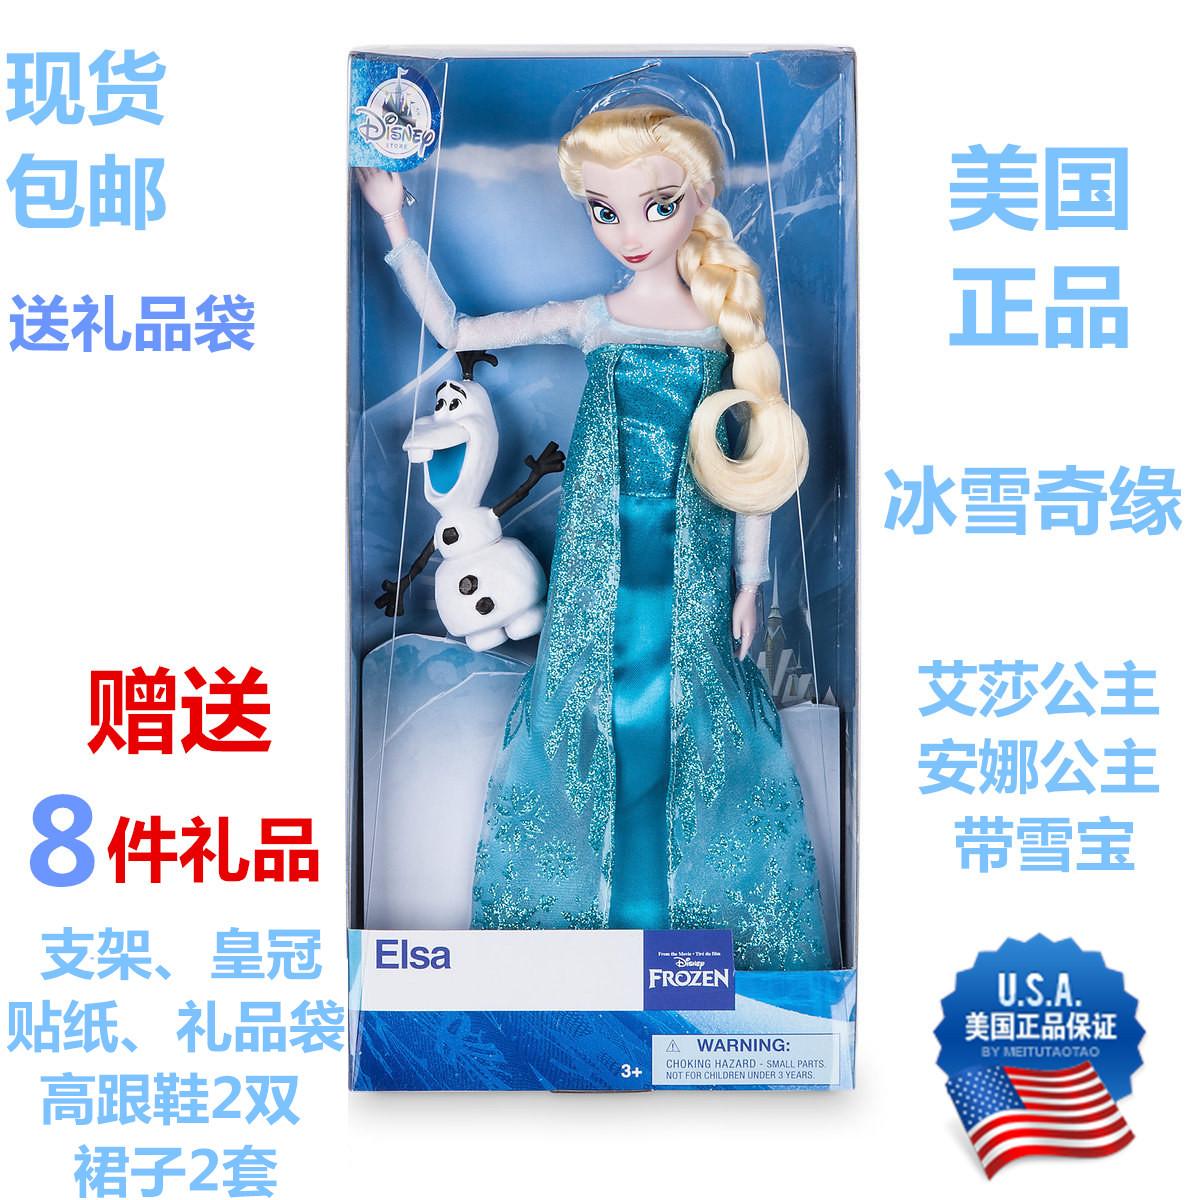 美国正品迪士尼Disney冰雪奇缘玩具elsa爱莎艾莎安娜公主生日礼物